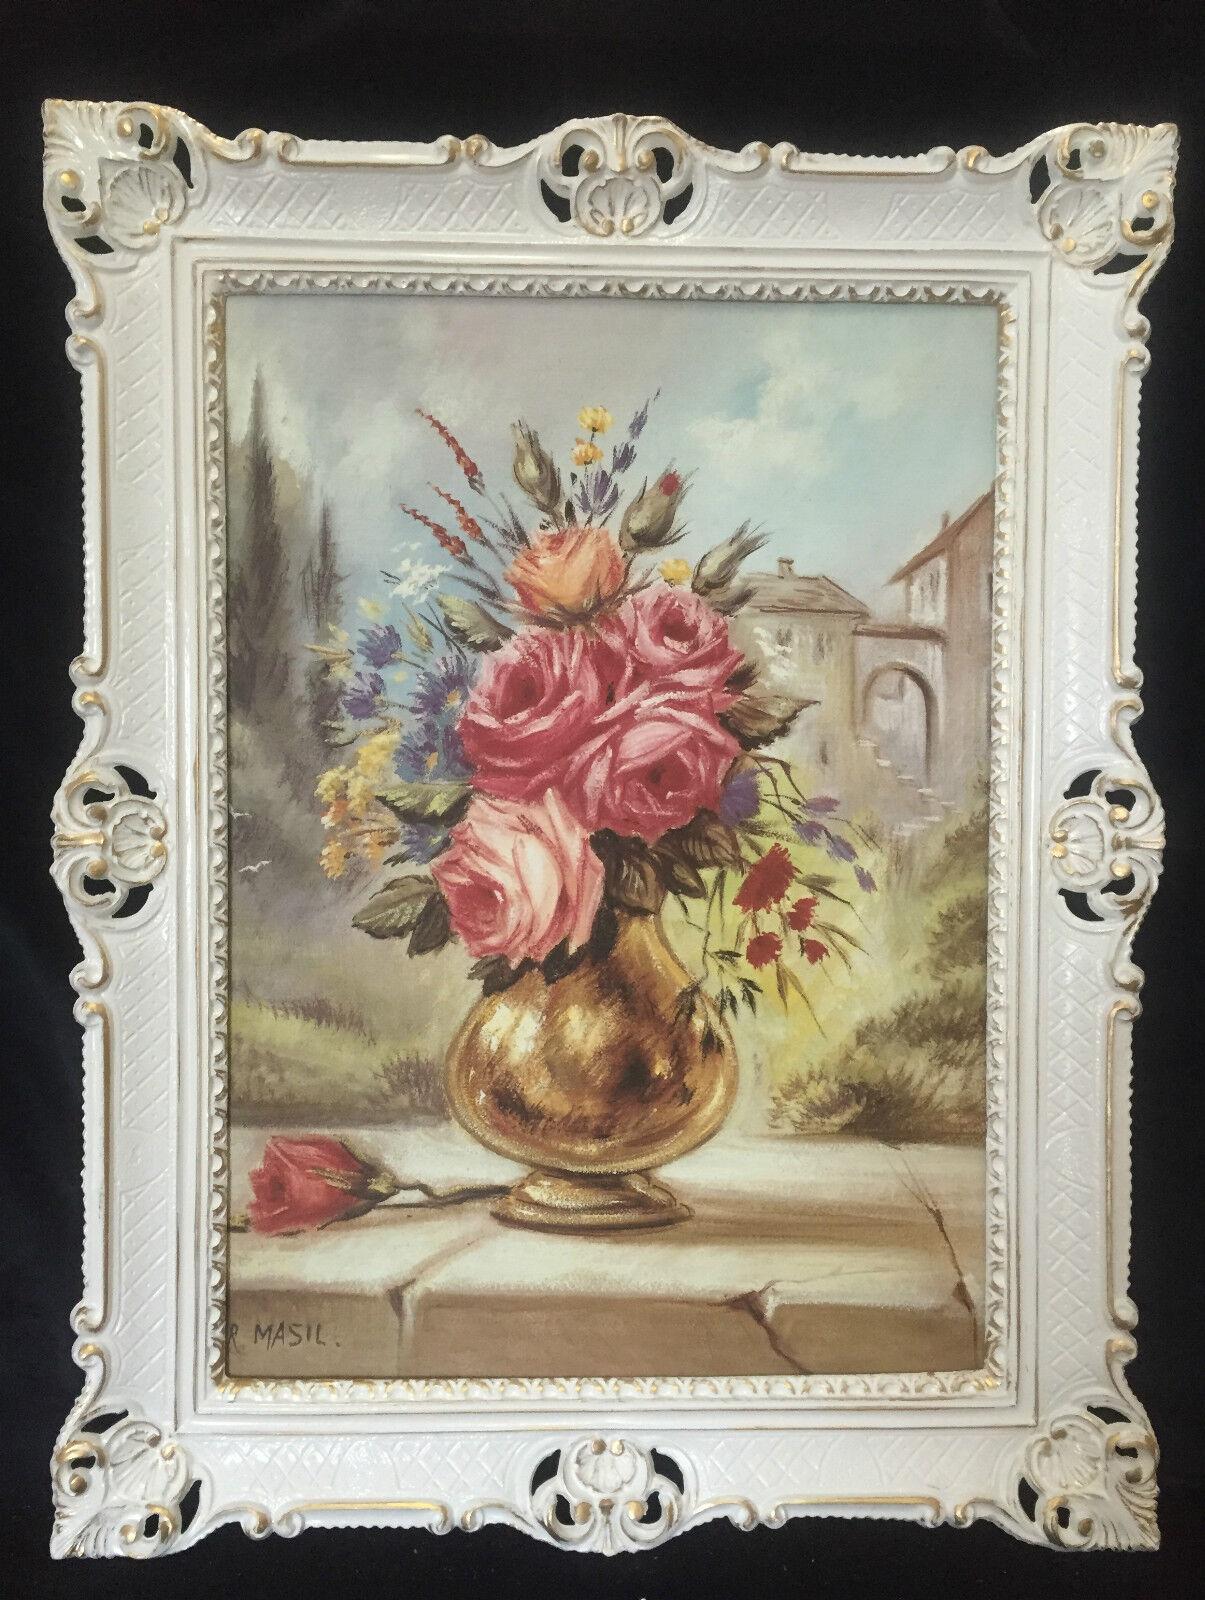 Cuadro Flores Cuadro 90x70 Cuadro con Marco roses en Dorada Búvoitureo Enmarcado B3